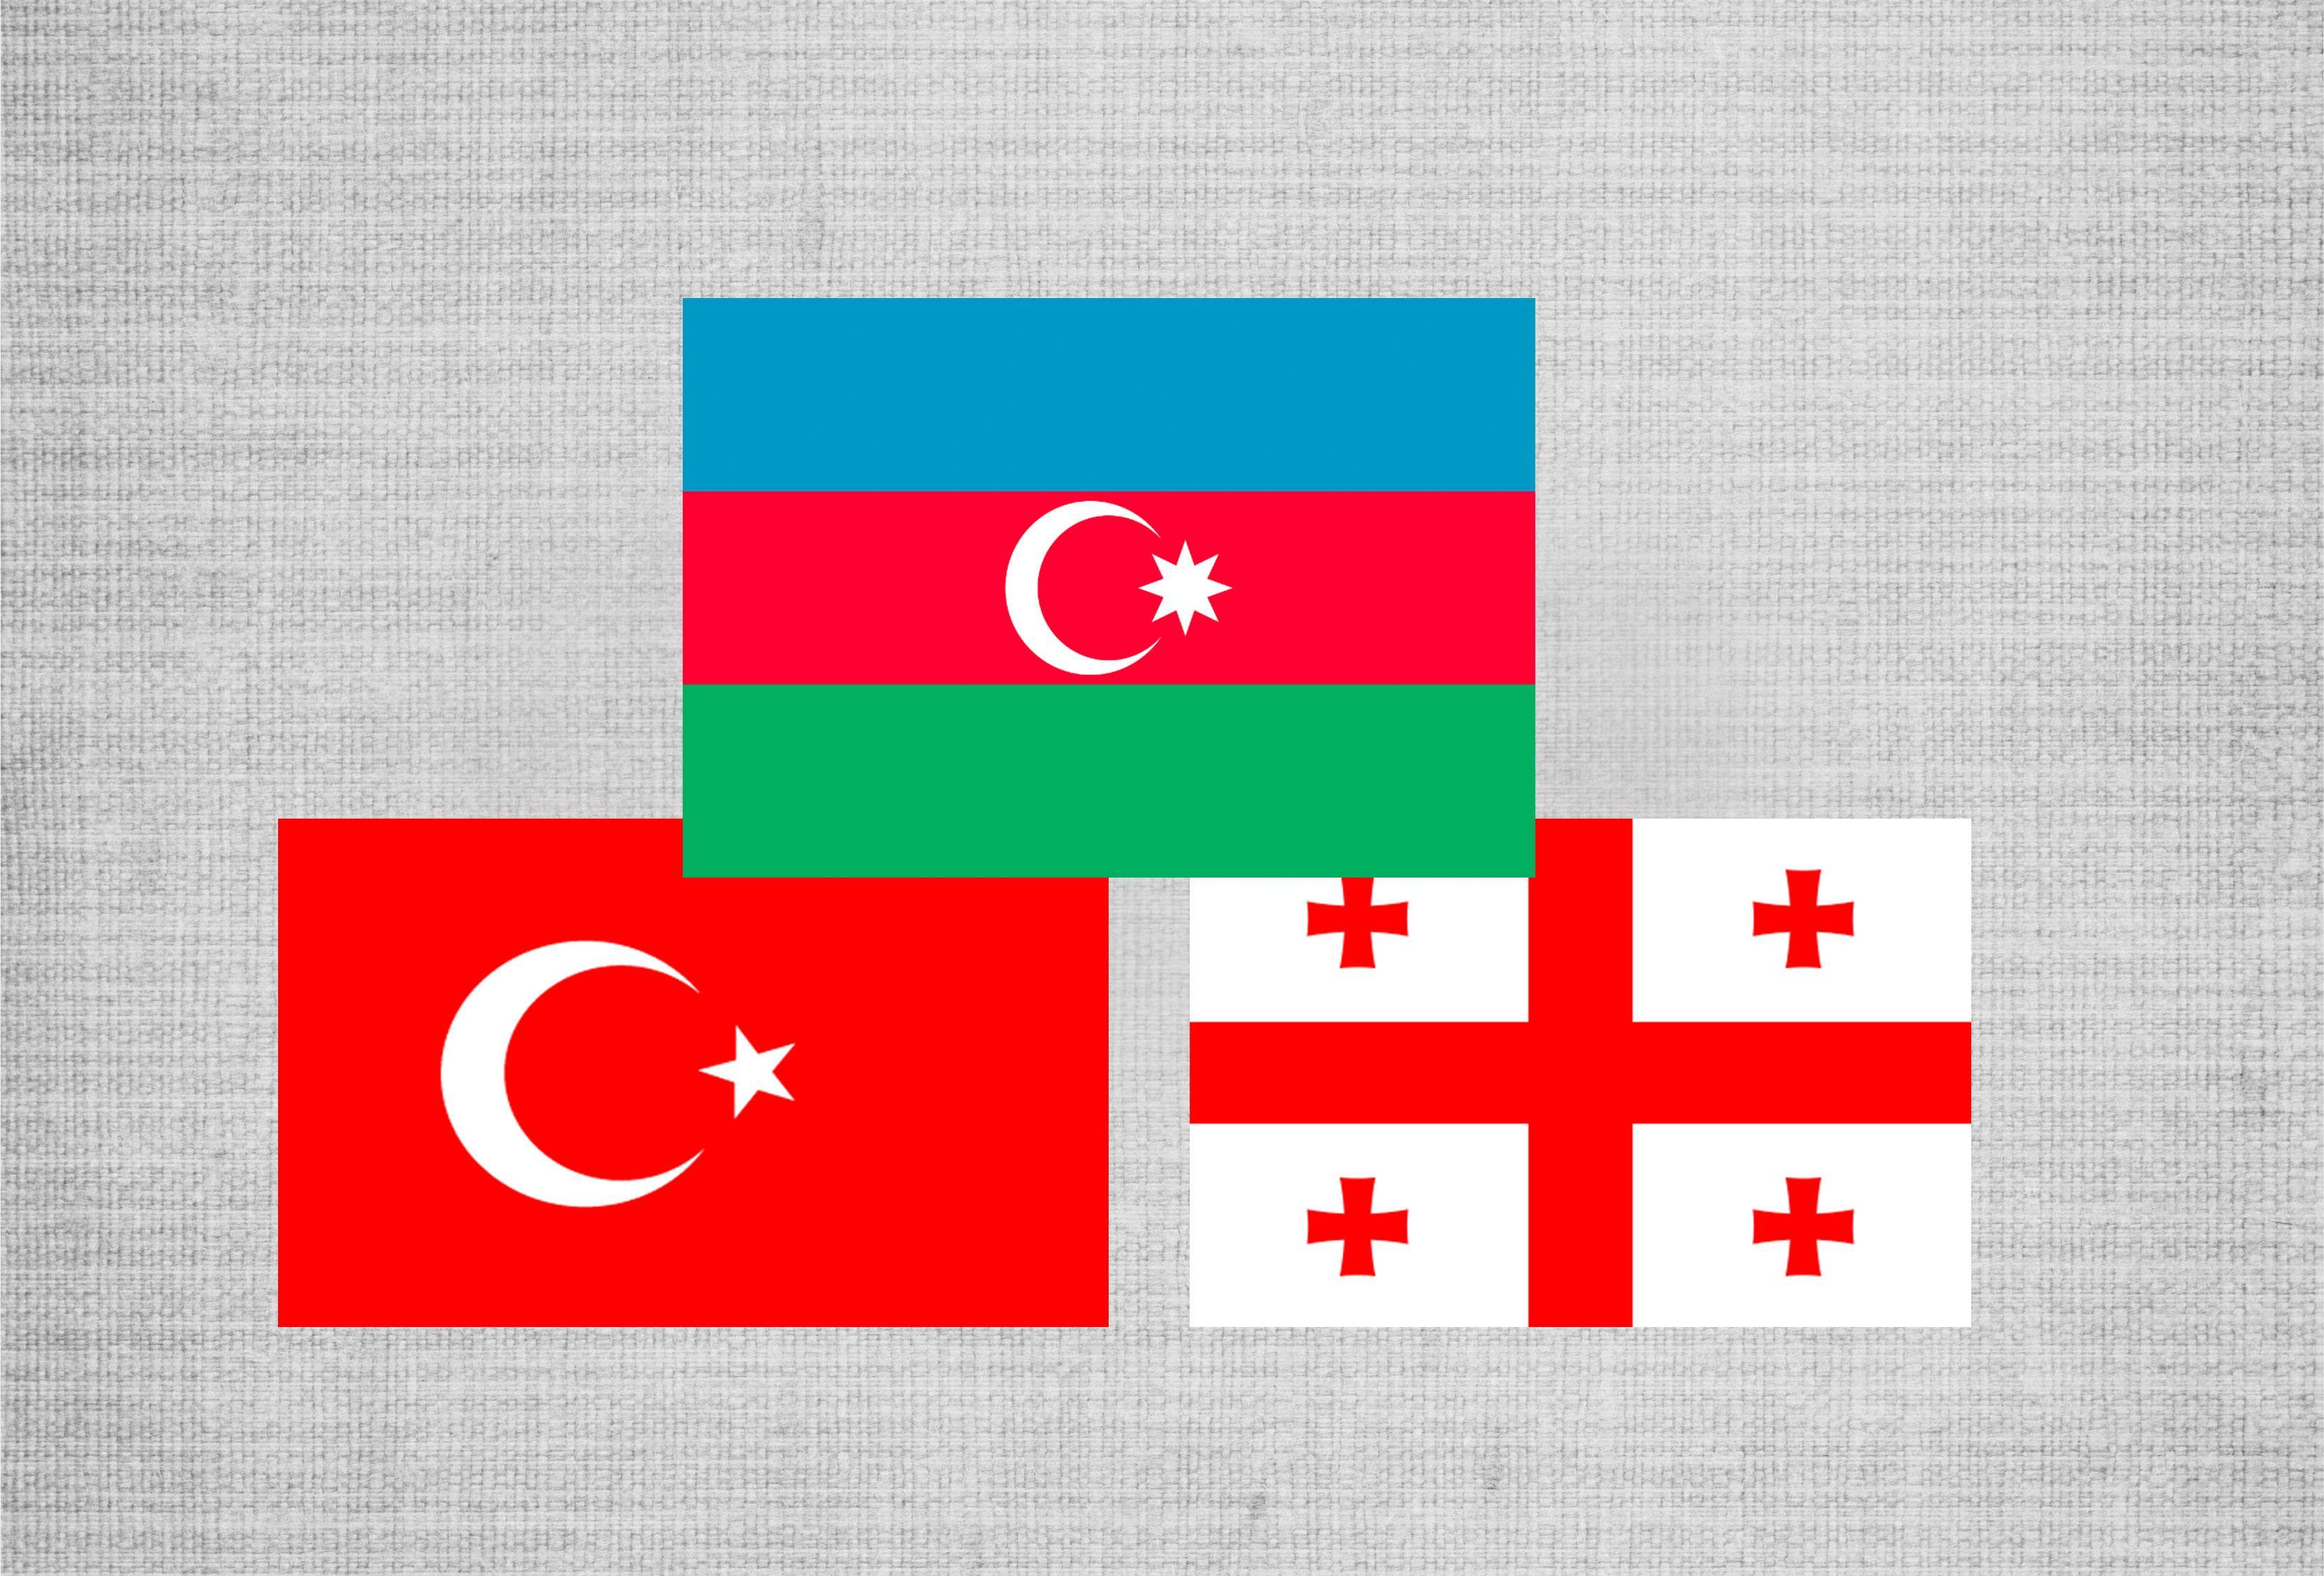 Azərbaycan, Türkiyə və Gürcüstan xüsusi təyinatlılarının birgə təlimləri başlayıb